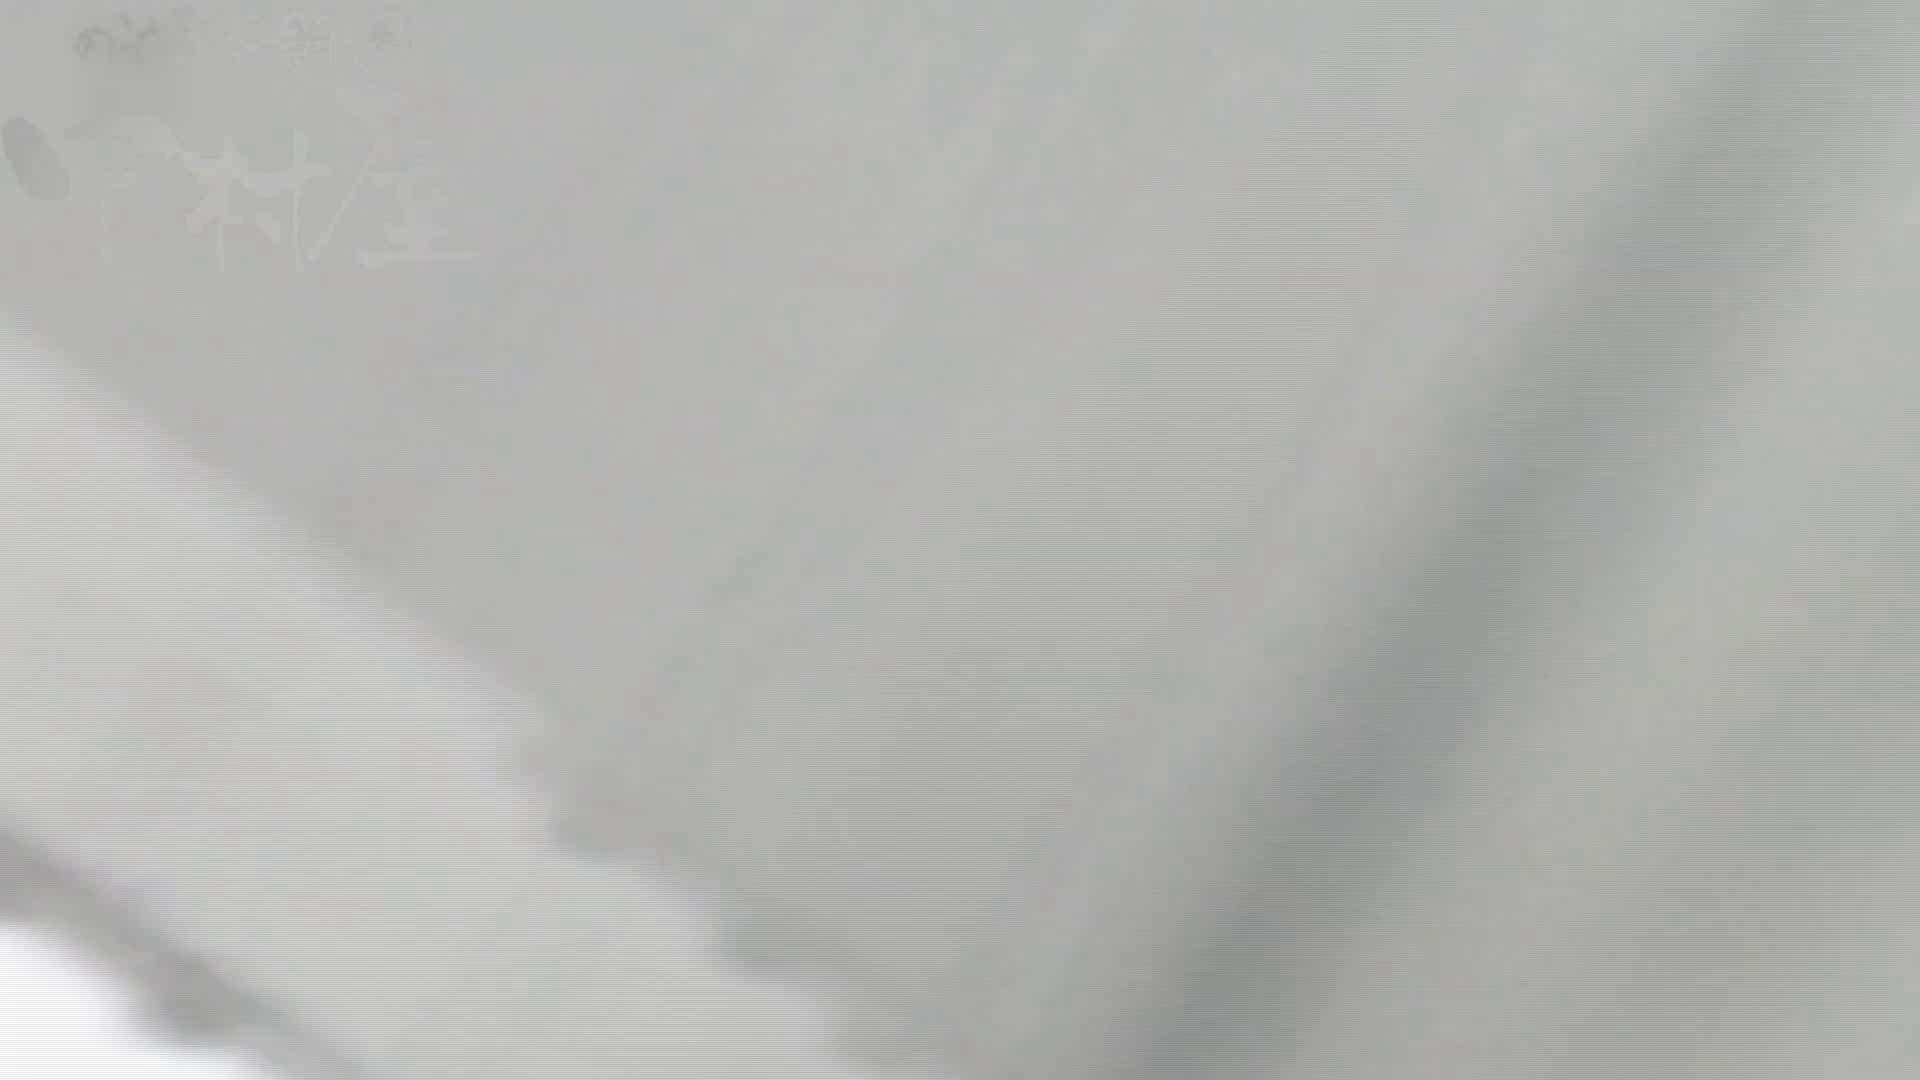 美しい日本の未来 No.29 豹柄サンダルはイ更●気味??? トイレ   乙女のエロ動画 盗撮 111PIX 64